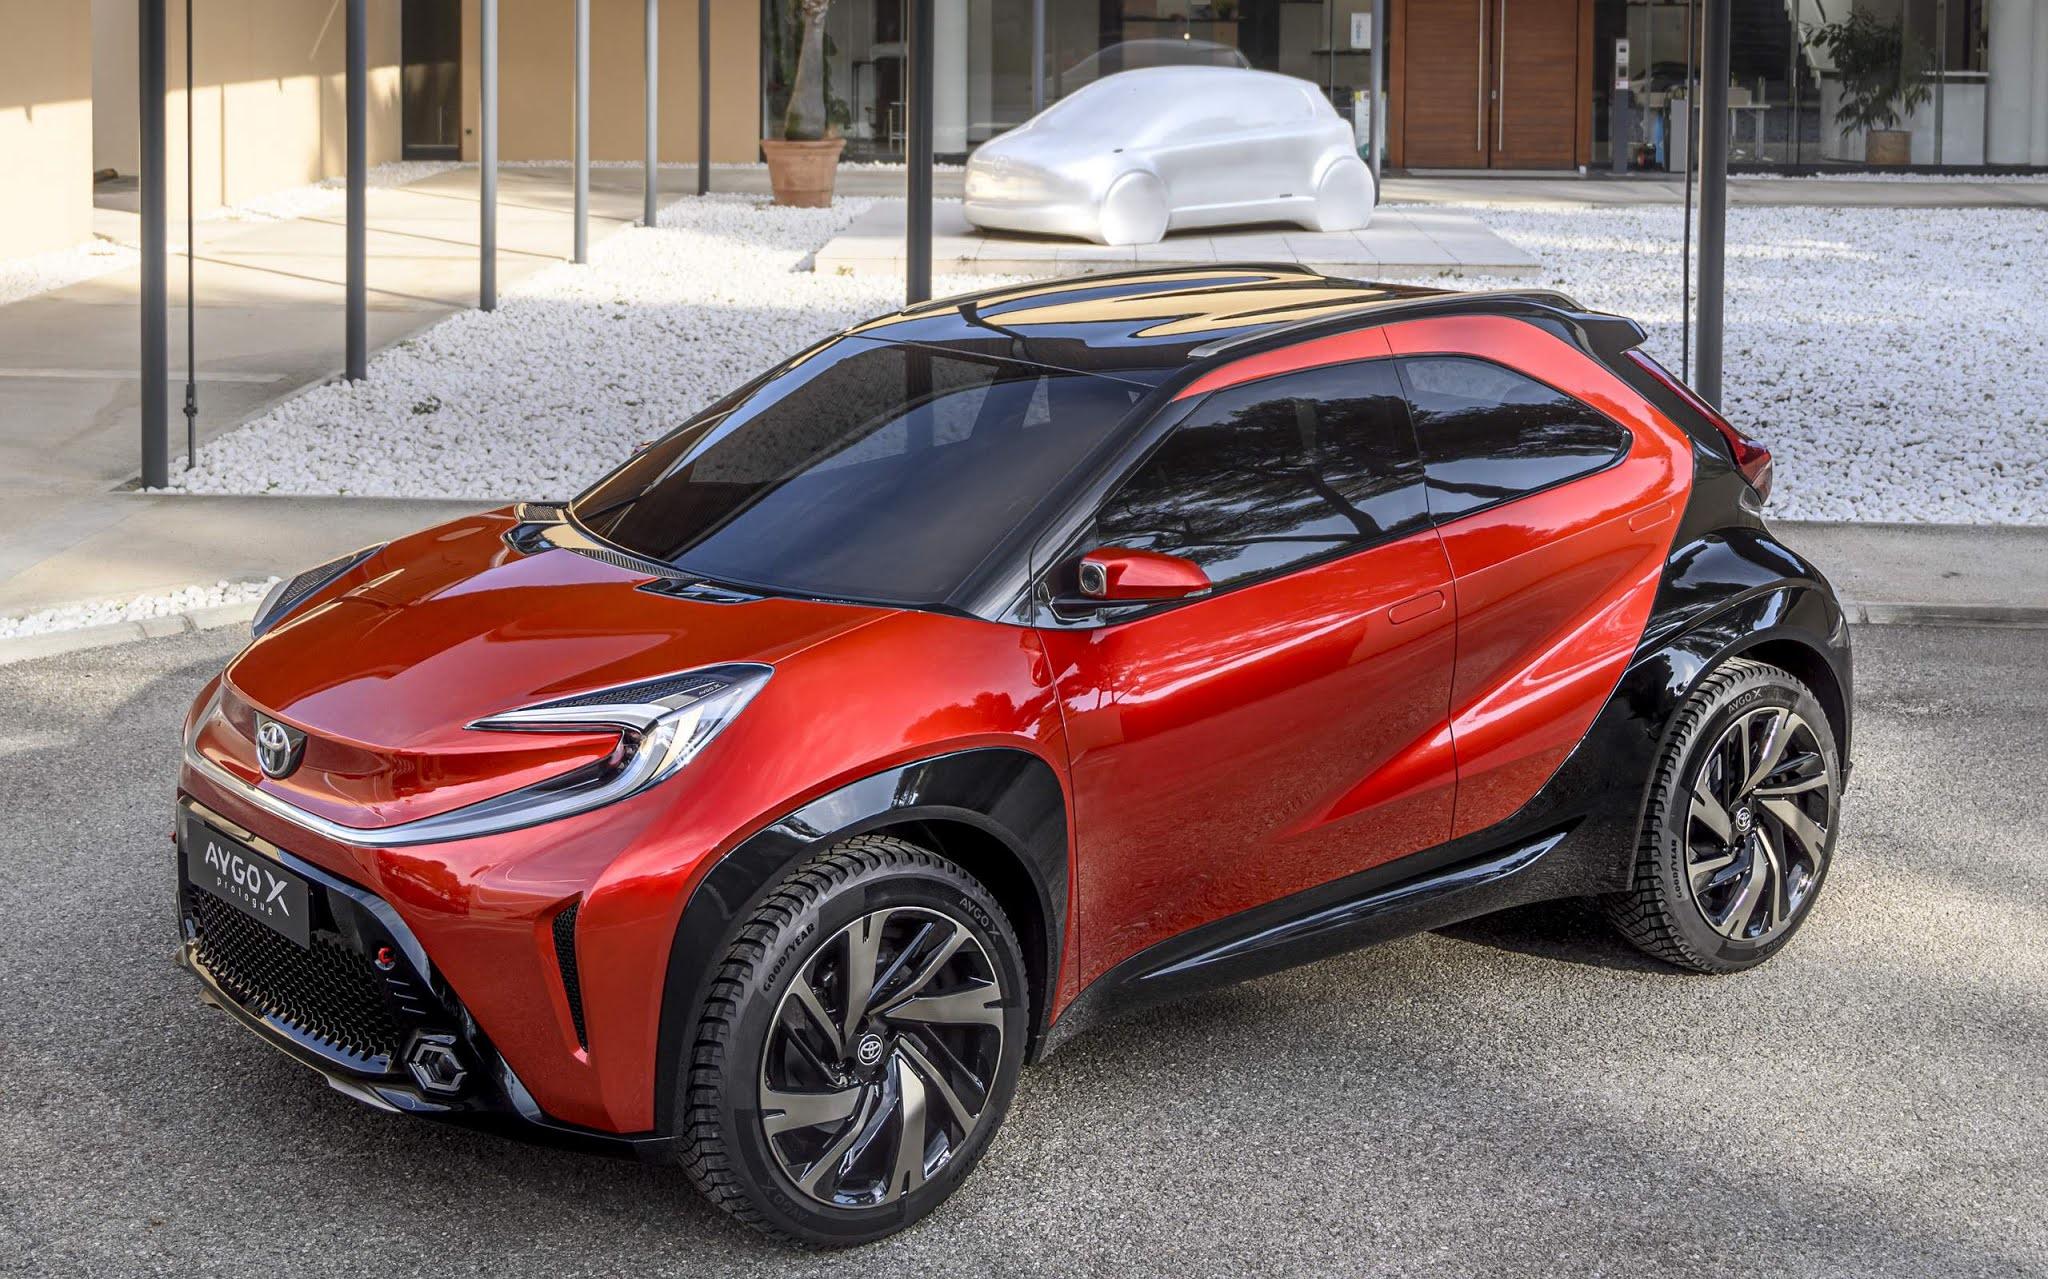 Toyota planeta recorde de produção para manter liderança em 2021